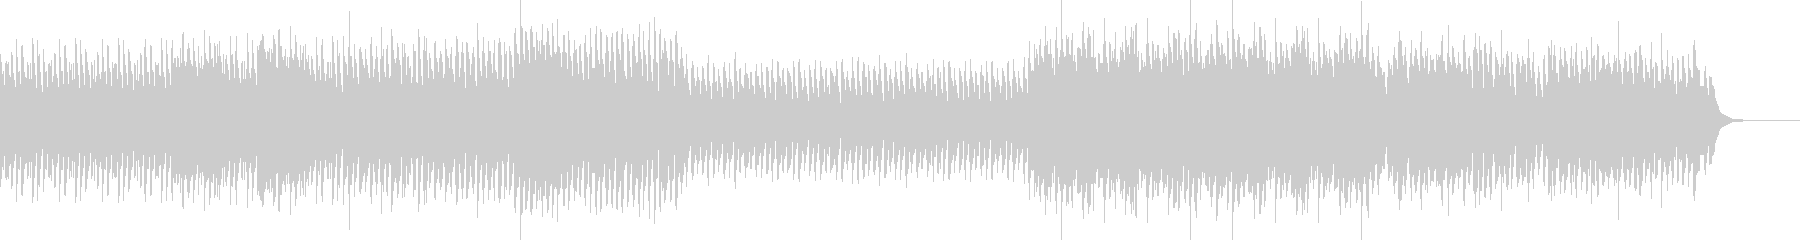 戦闘などに最適な曲の未再生の波形